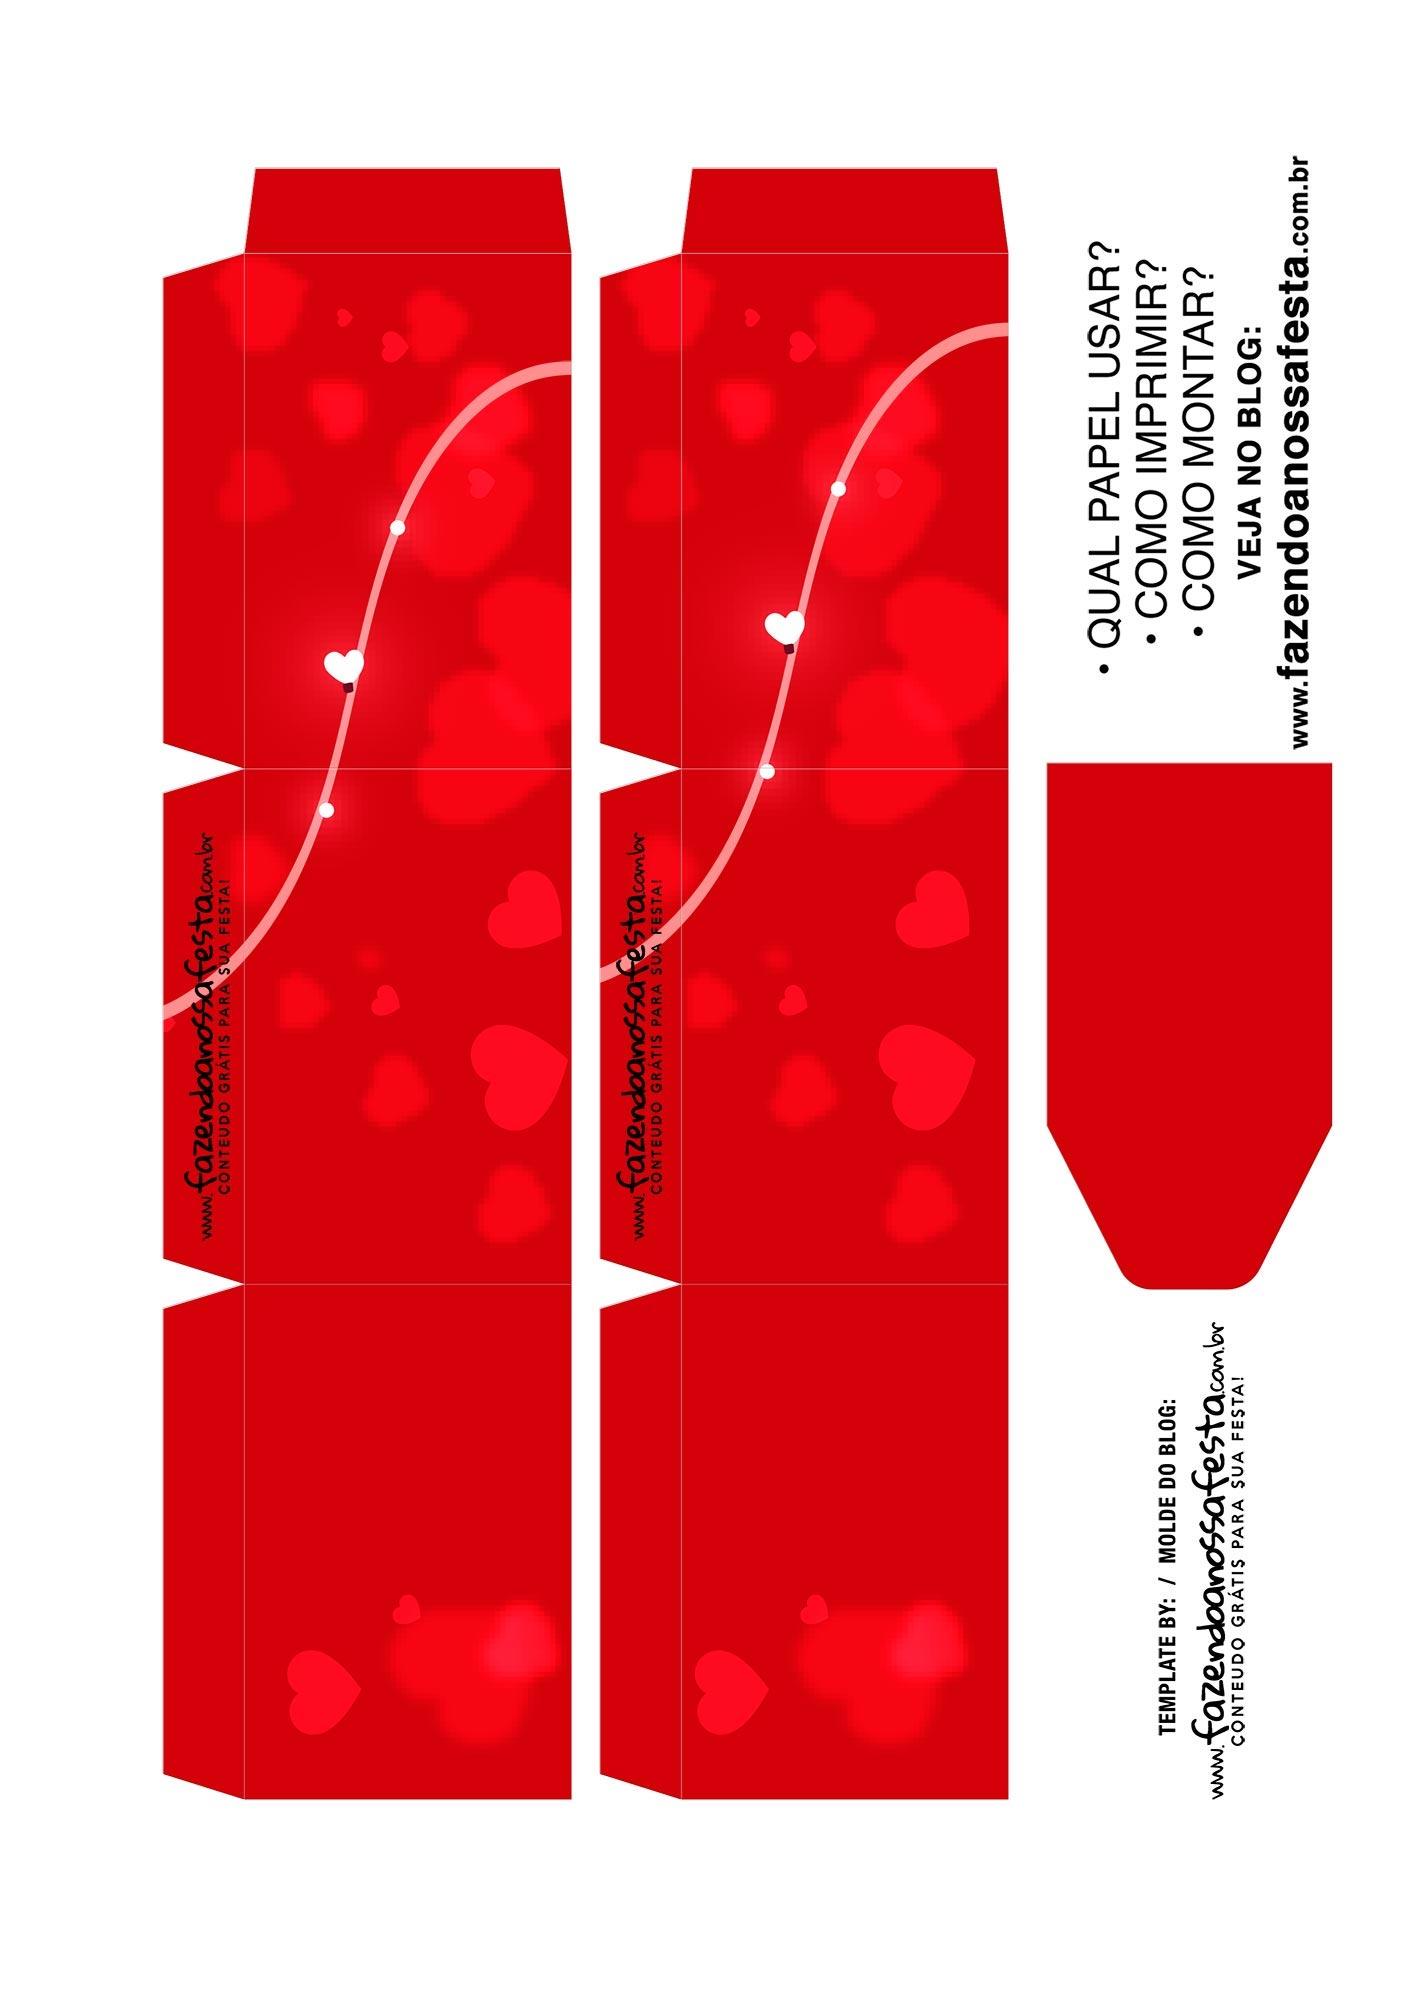 Caixa Explosiva Dia dos Namorados Vermelha 2